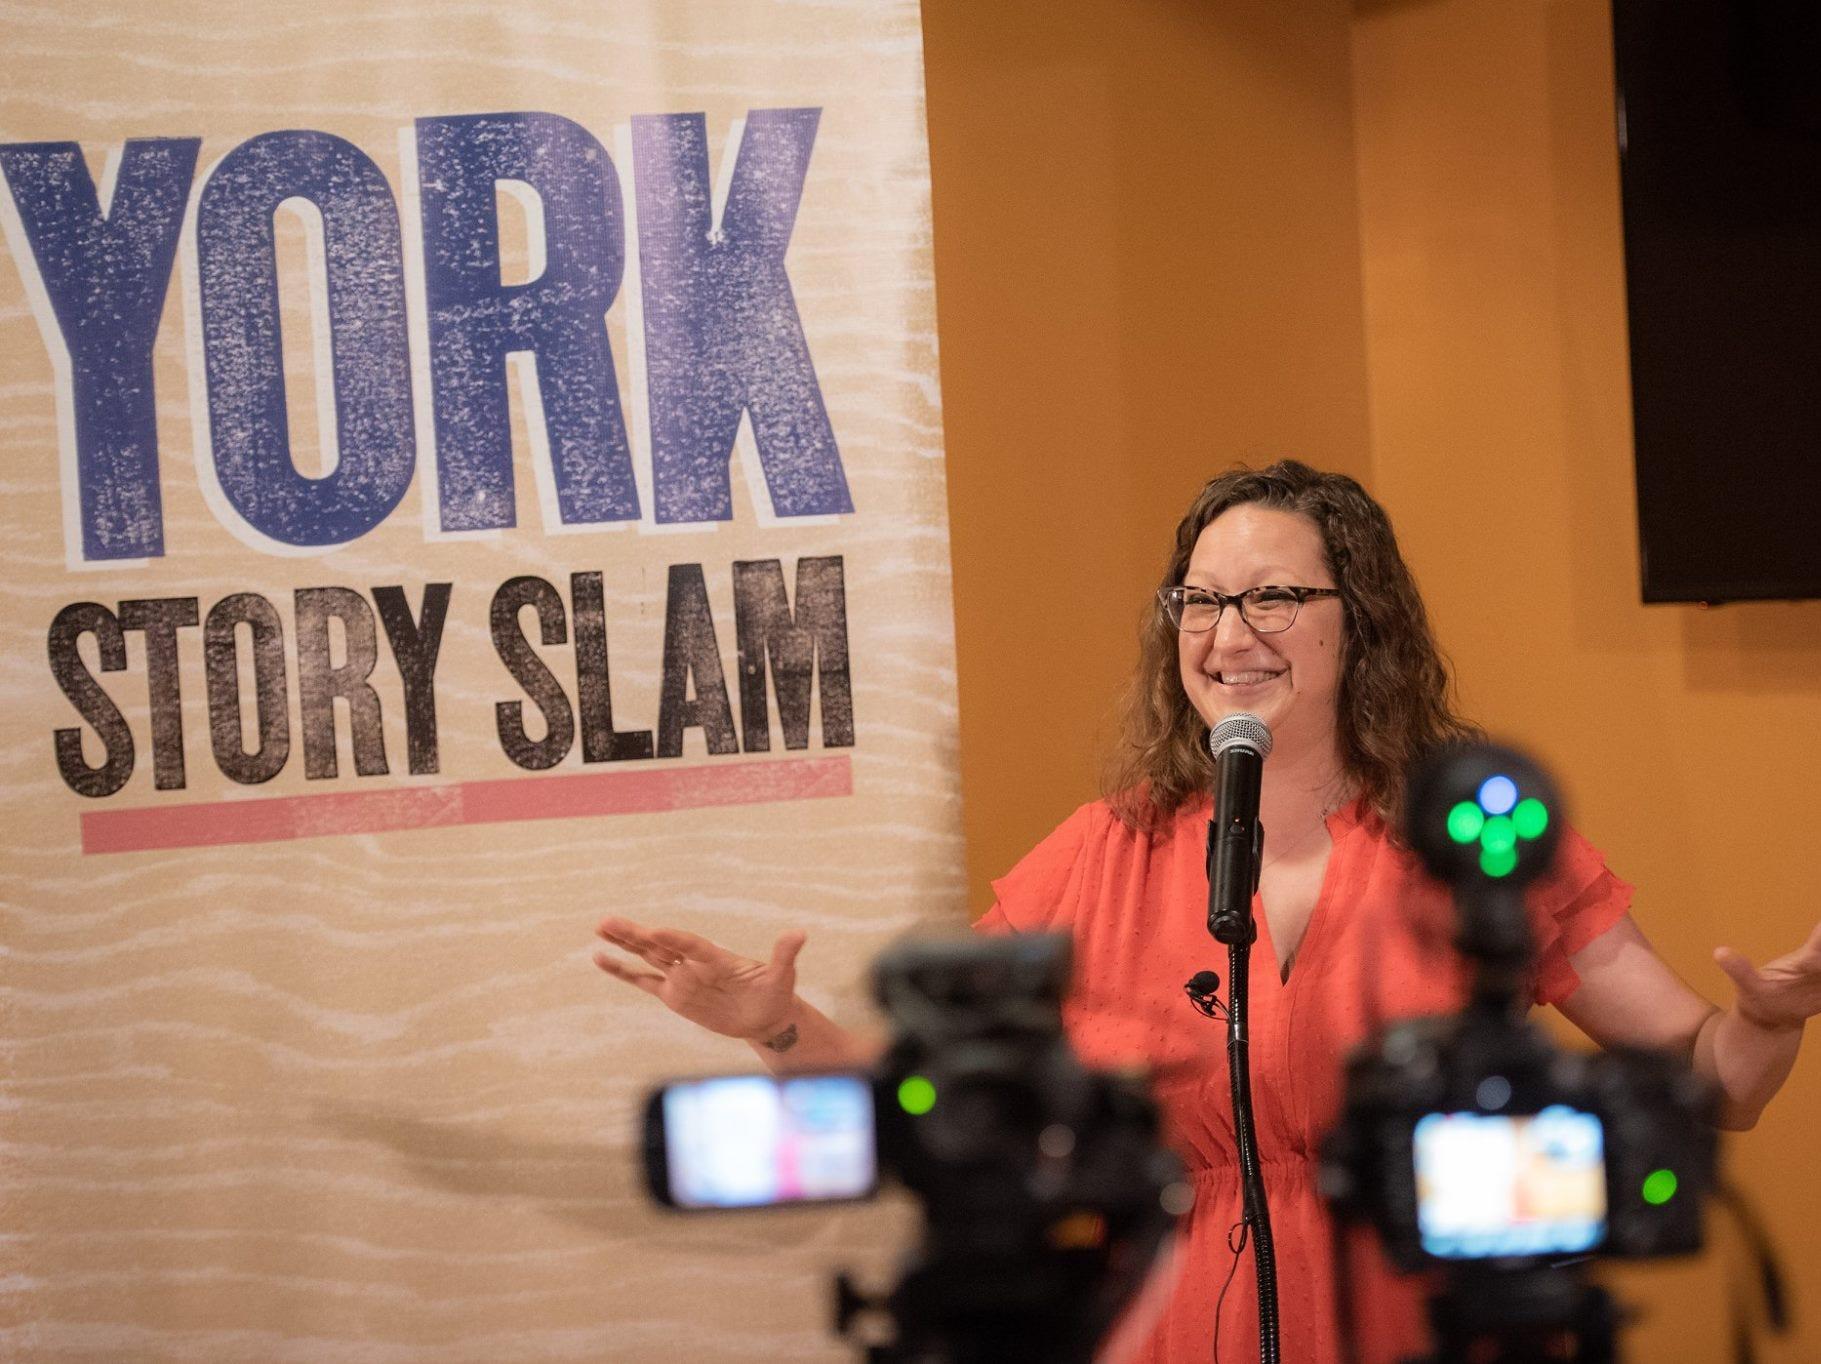 J.J. Sheffer at York Story Slam